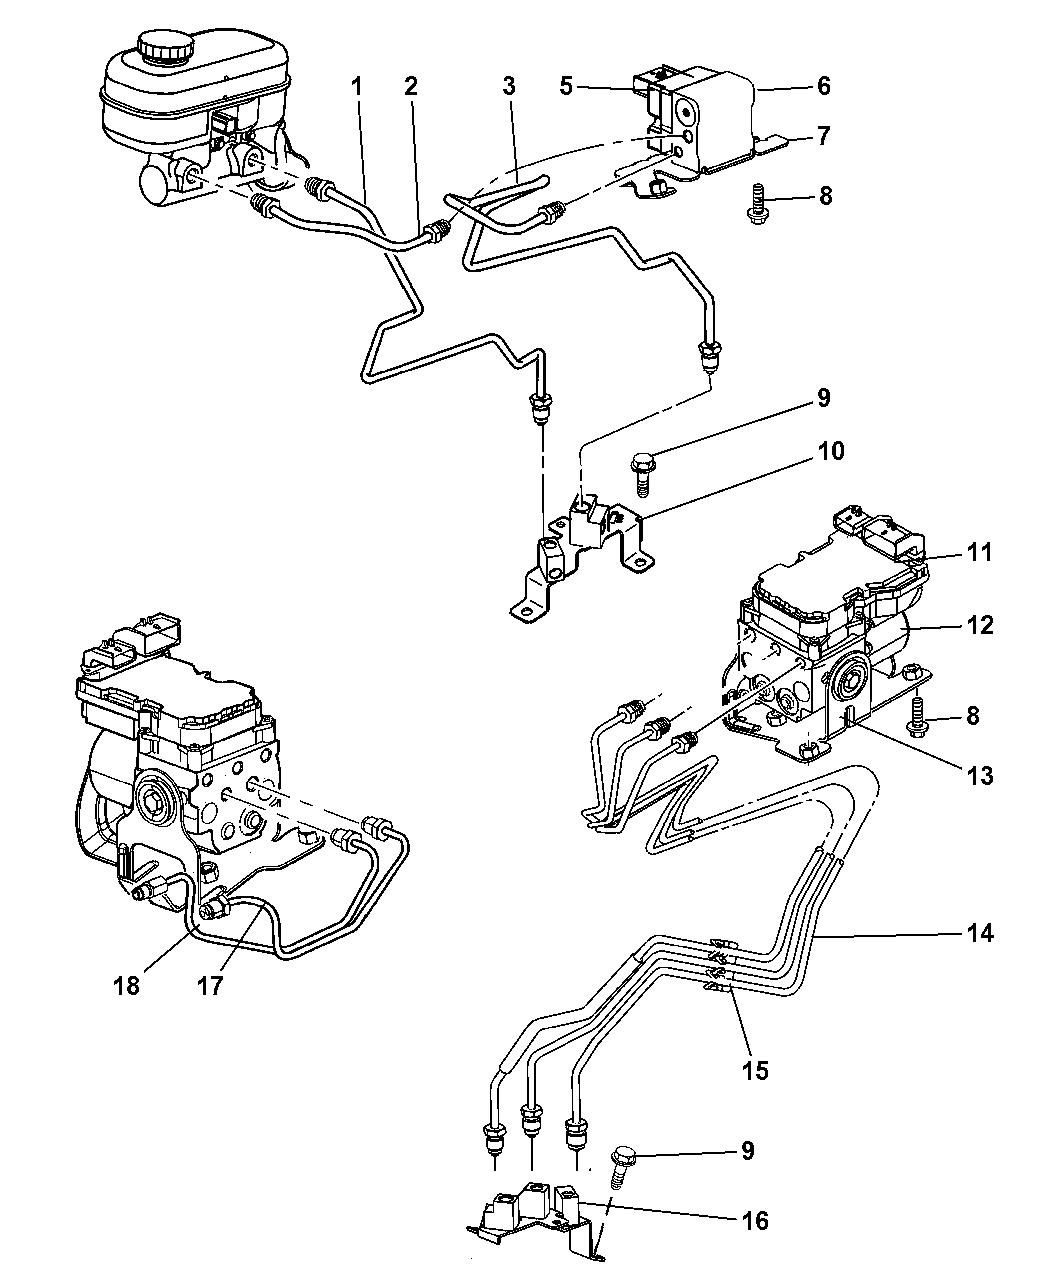 2003 dodge dakota lines - brake